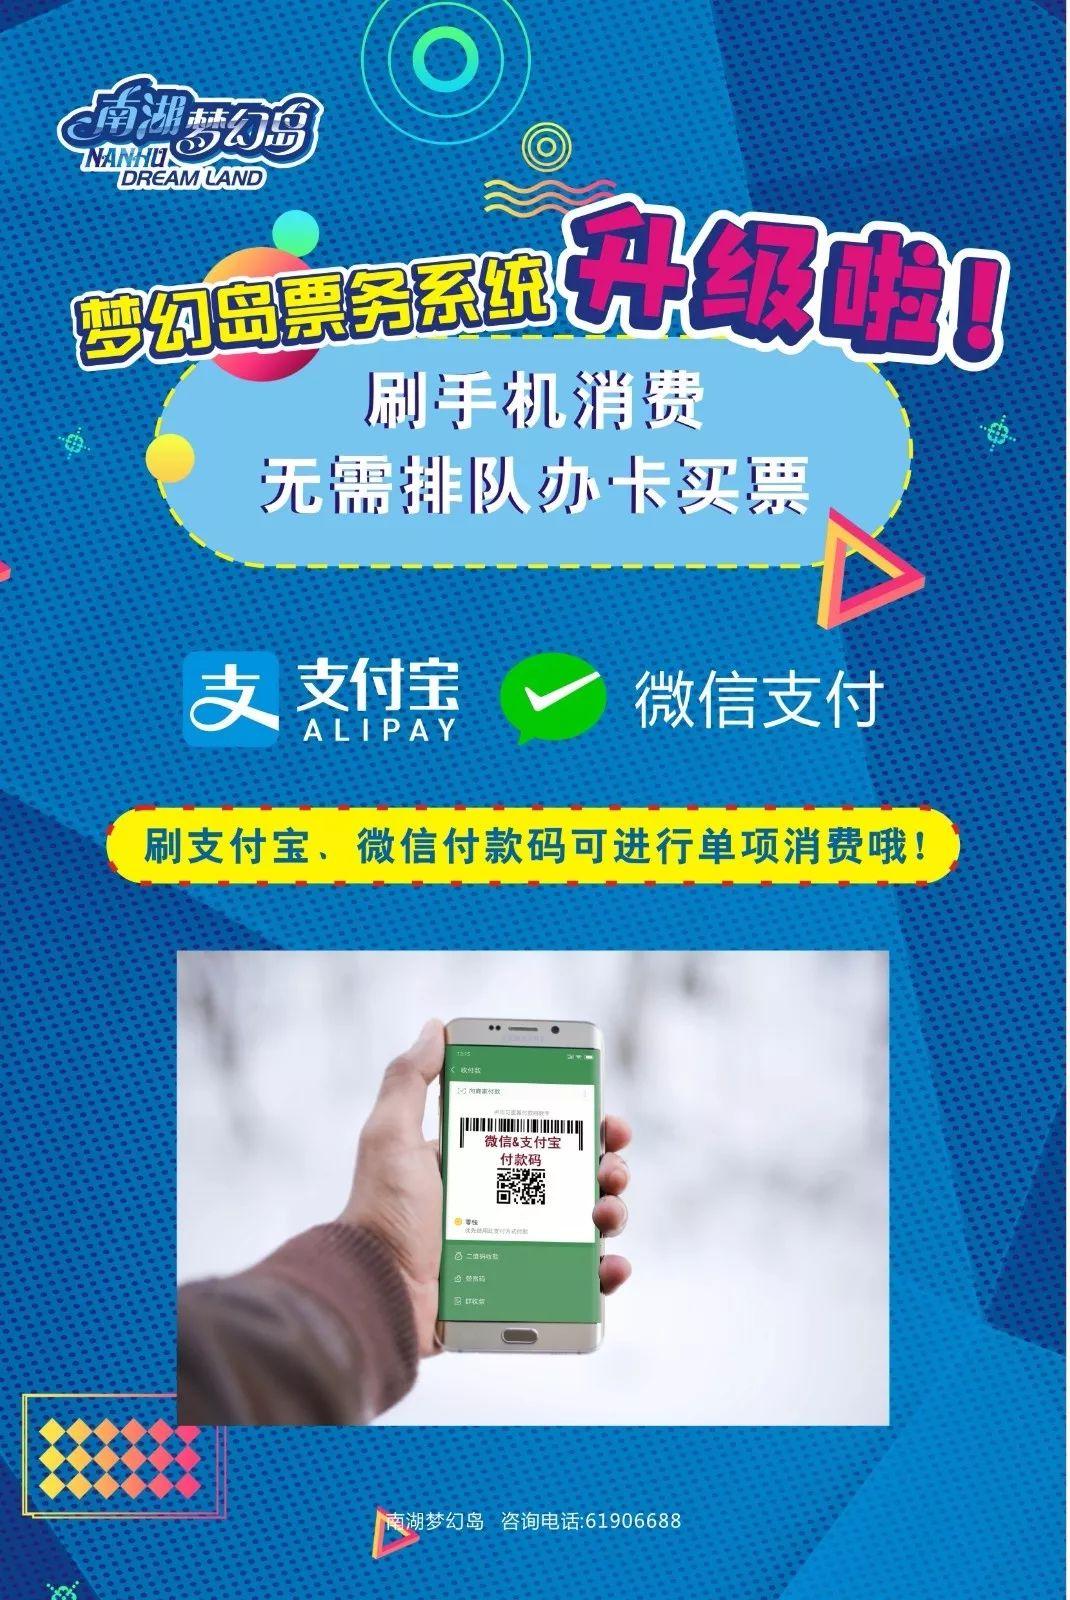 2019年成都南湖梦幻岛春节狂欢(时间 地点 节目)